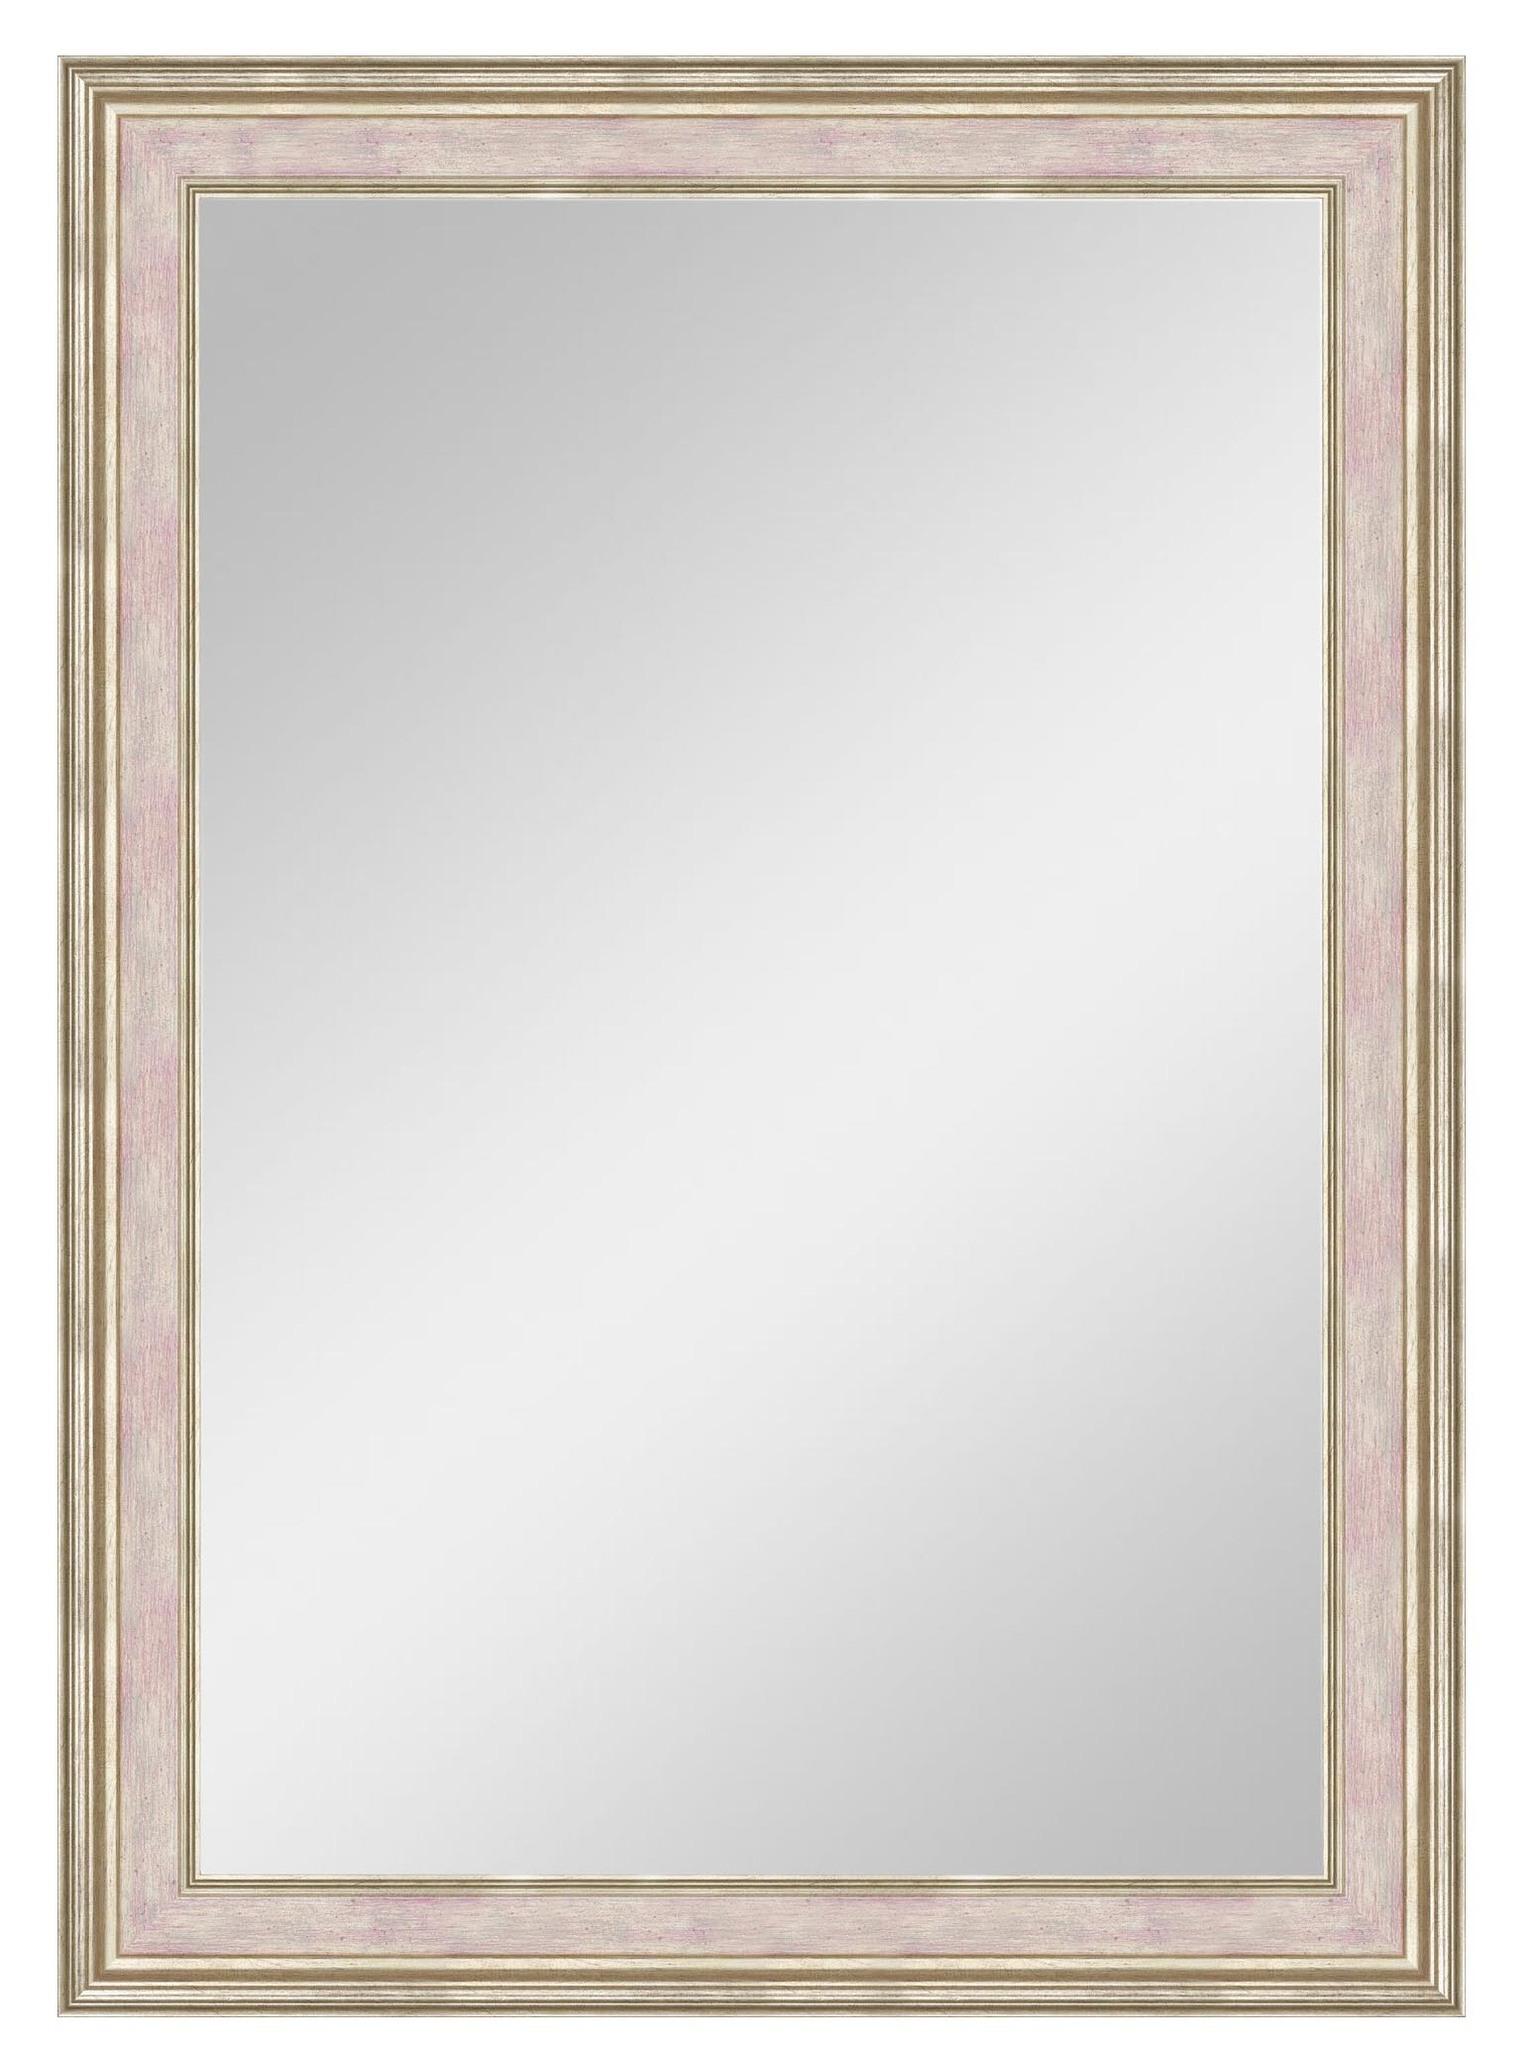 Купить Настенное зеркало Флорес в деревянной раме, inmyroom, Россия